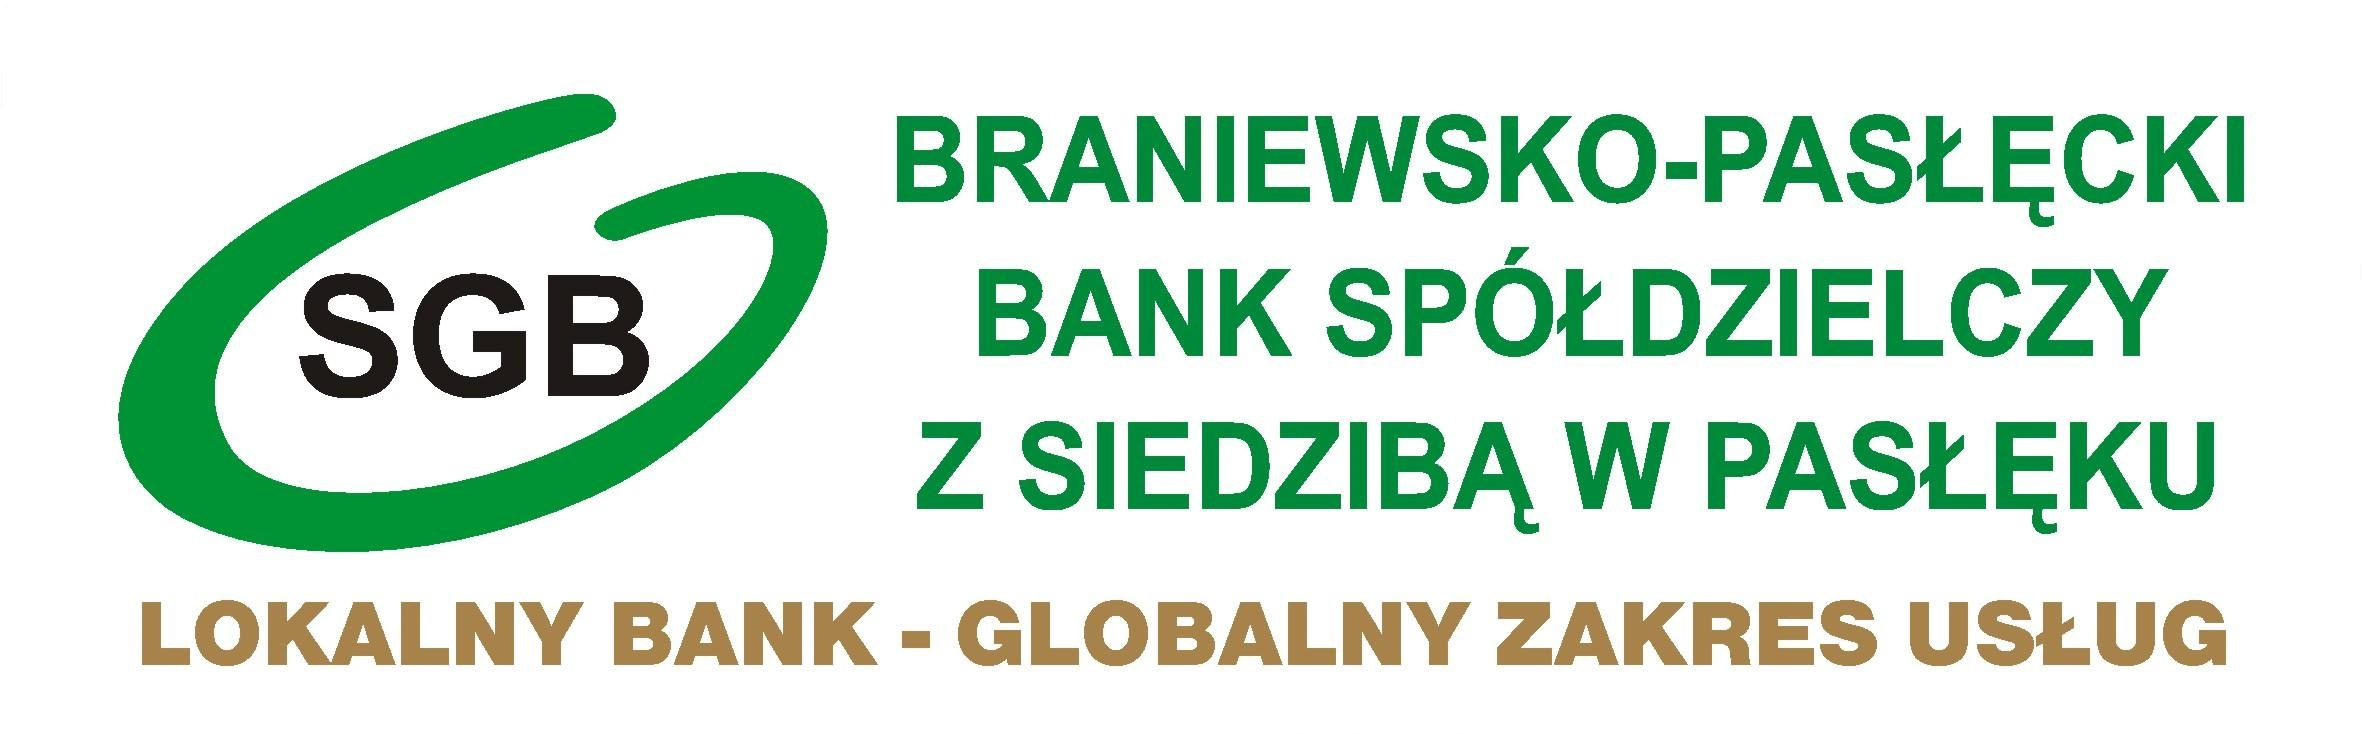 Kredyt SKARB - Braniewsko-Pasłęcki Bank Spółdzielczy z siedzibą w Pasłęku